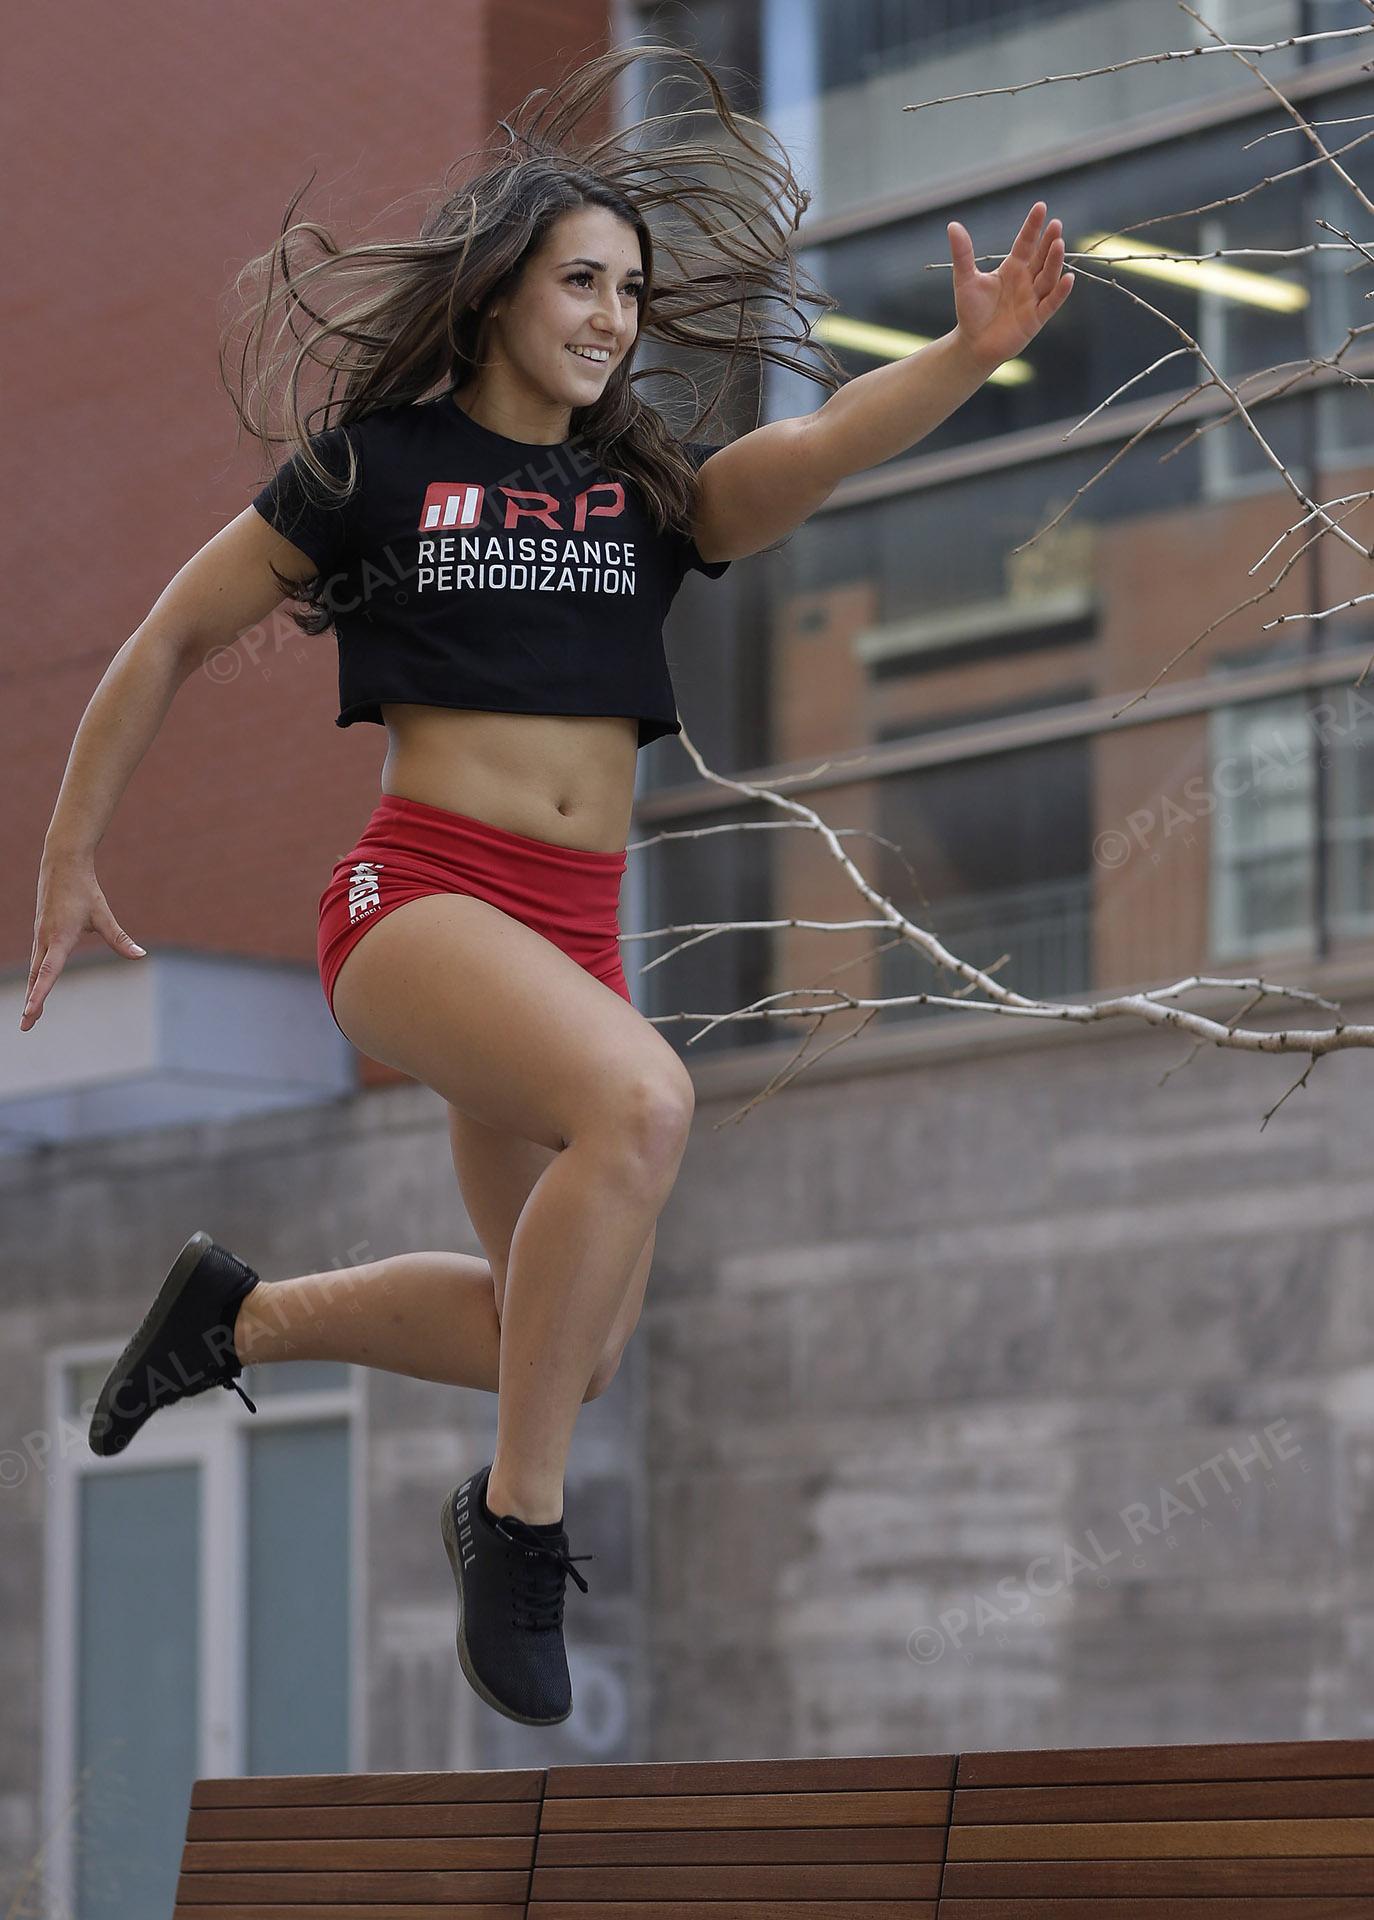 une femme sportive qui s'active dehors au printemps en sautant dans les air